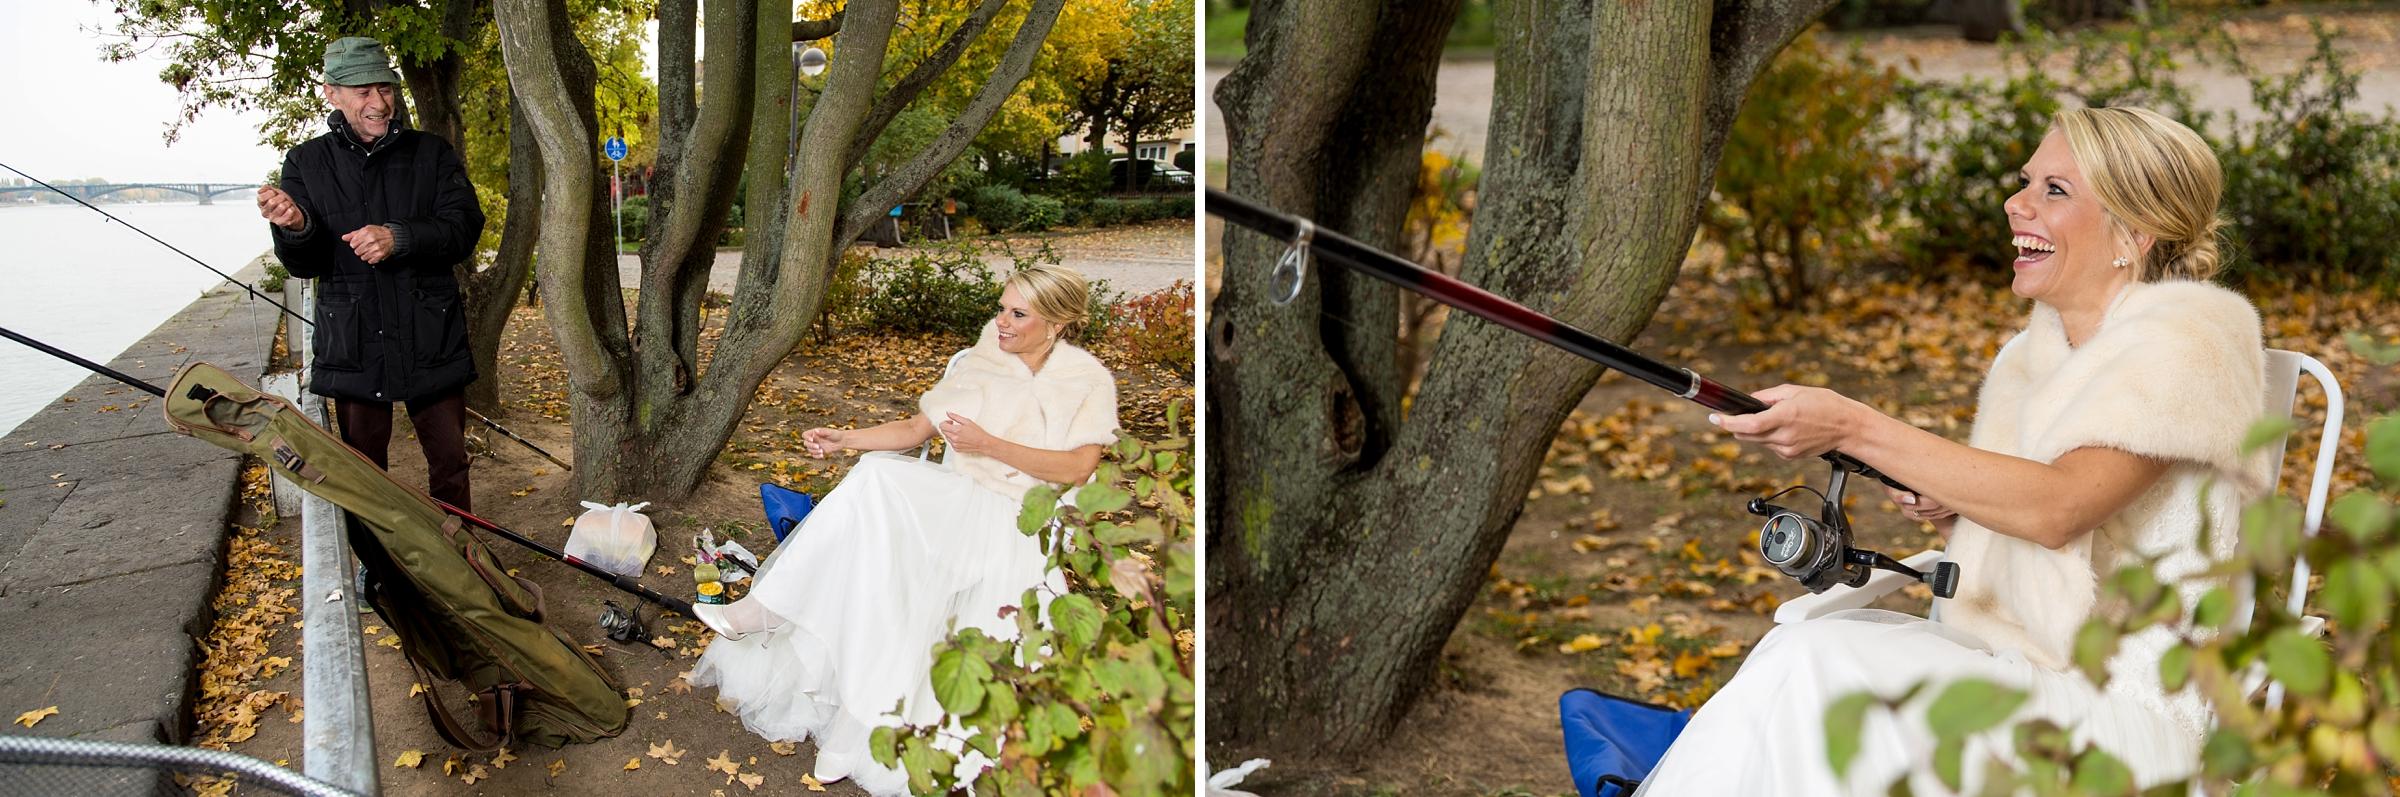 Hochzeitsfotograf-Mainz-lustige-Braut-angelt-am-Rhein